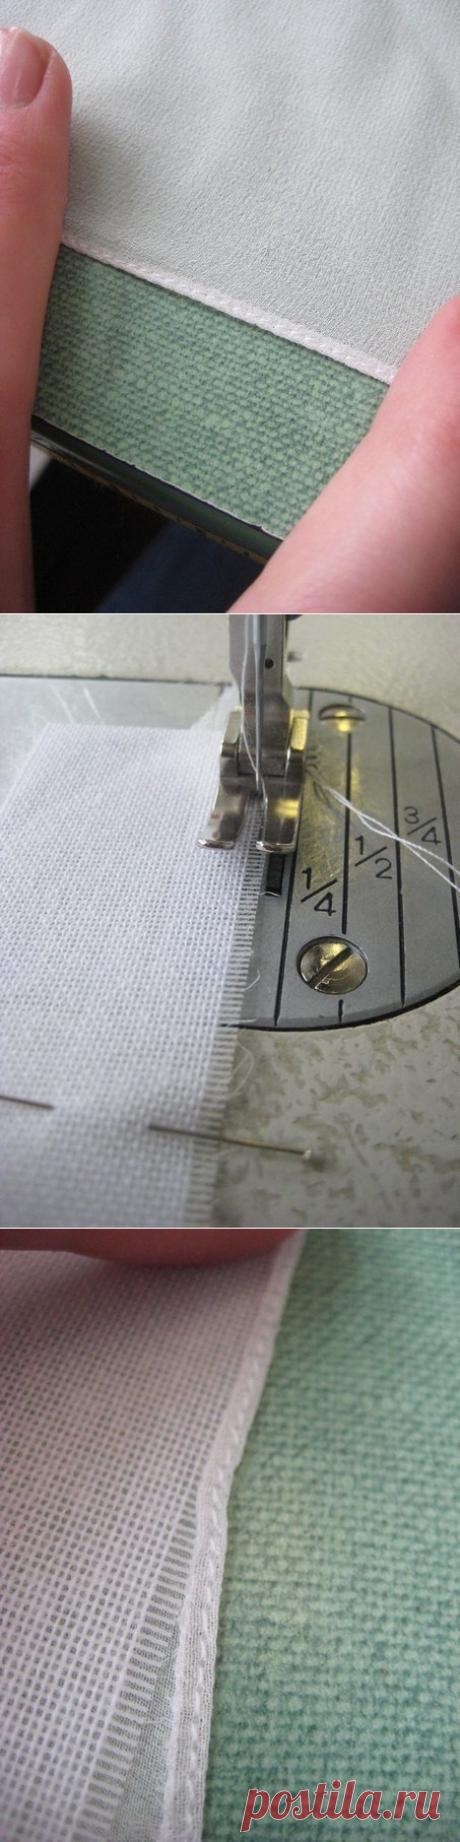 Как подшить шелк, шифон, органзу — Сделай сам, идеи для творчества - DIY Ideas